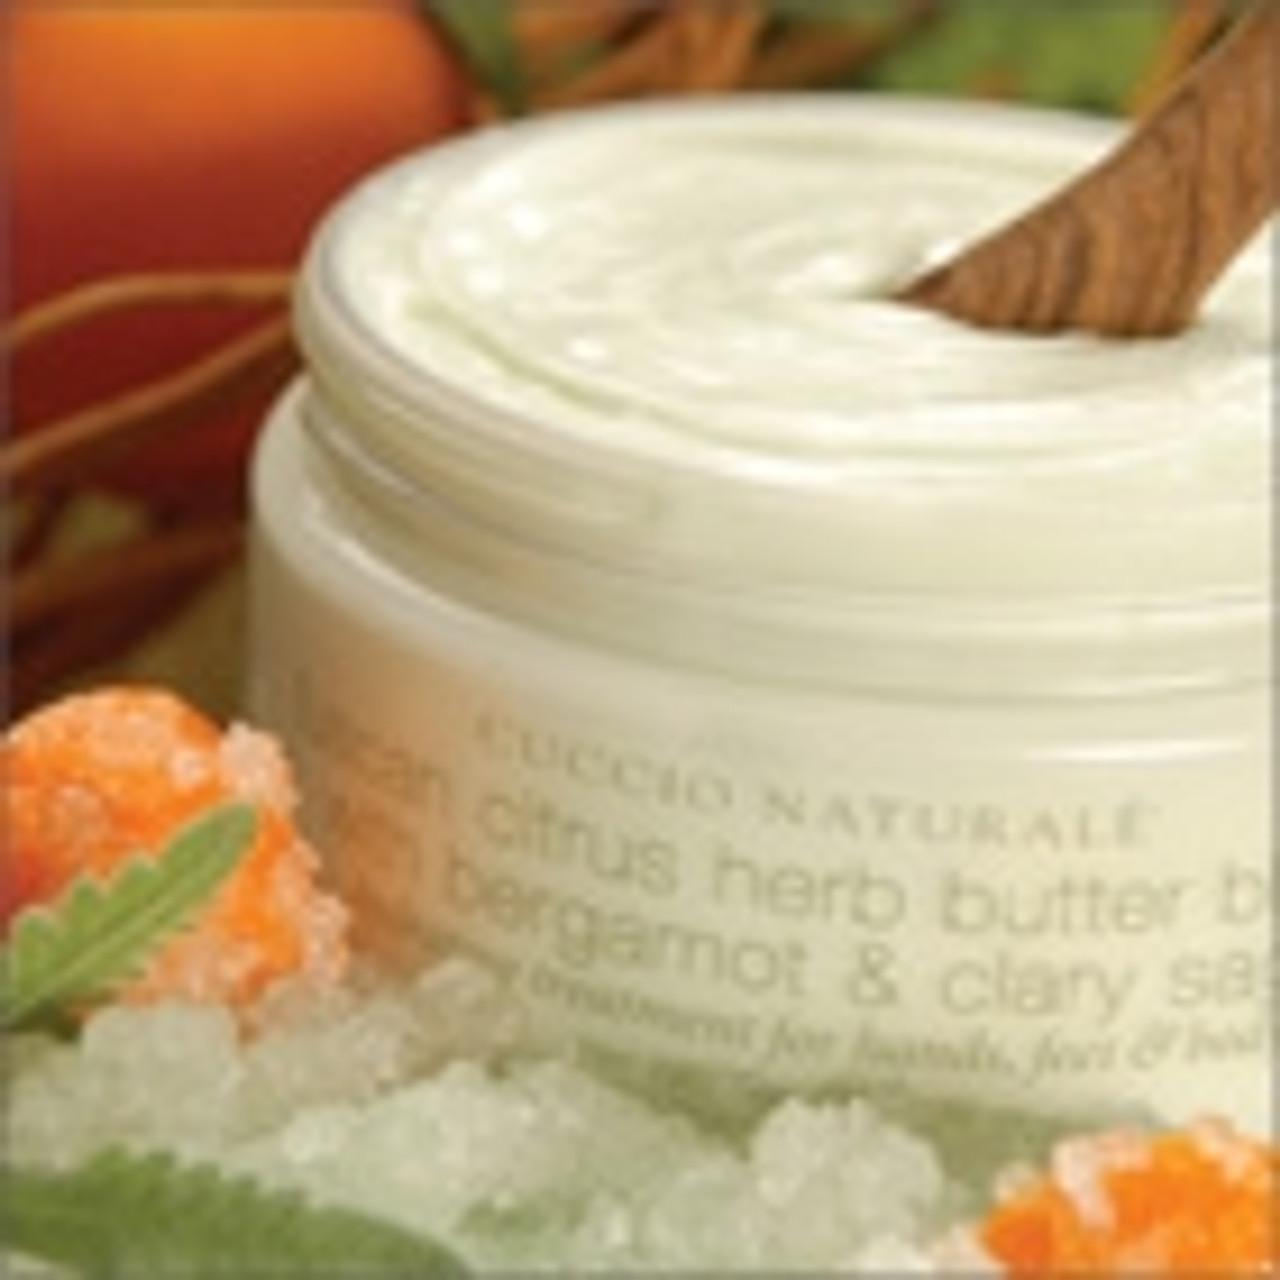 Cuccio Skin Care